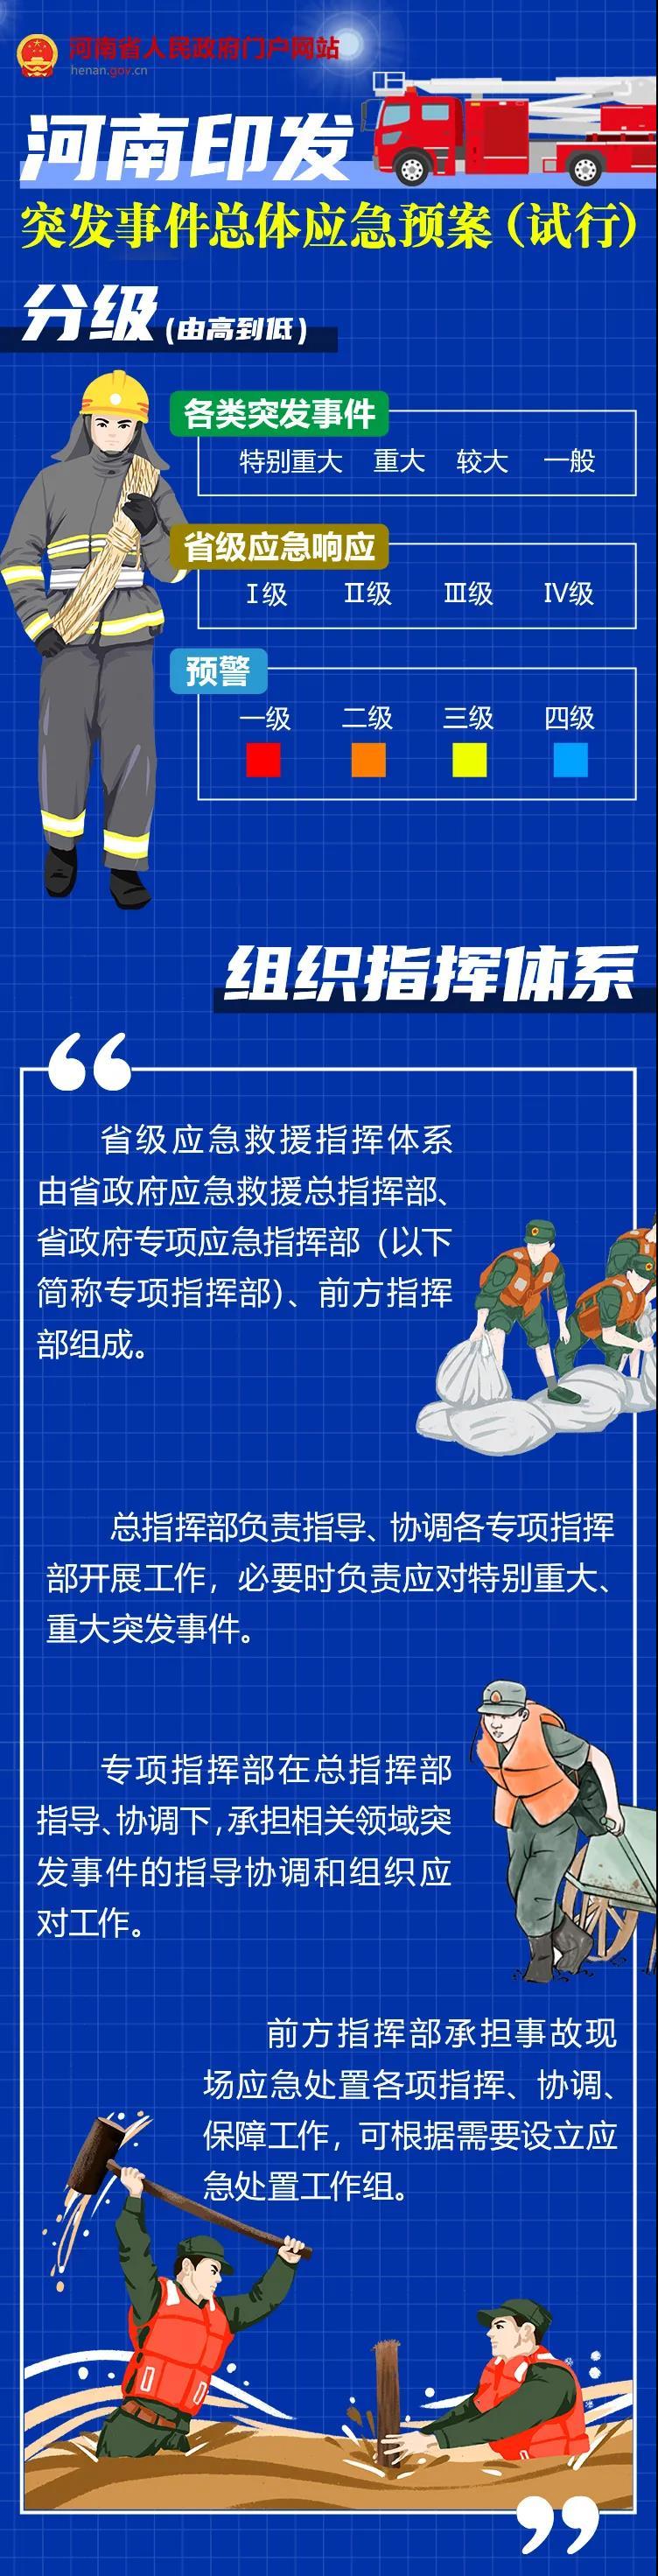 河南省突发事件总体应急预案(试行)系列图解之一